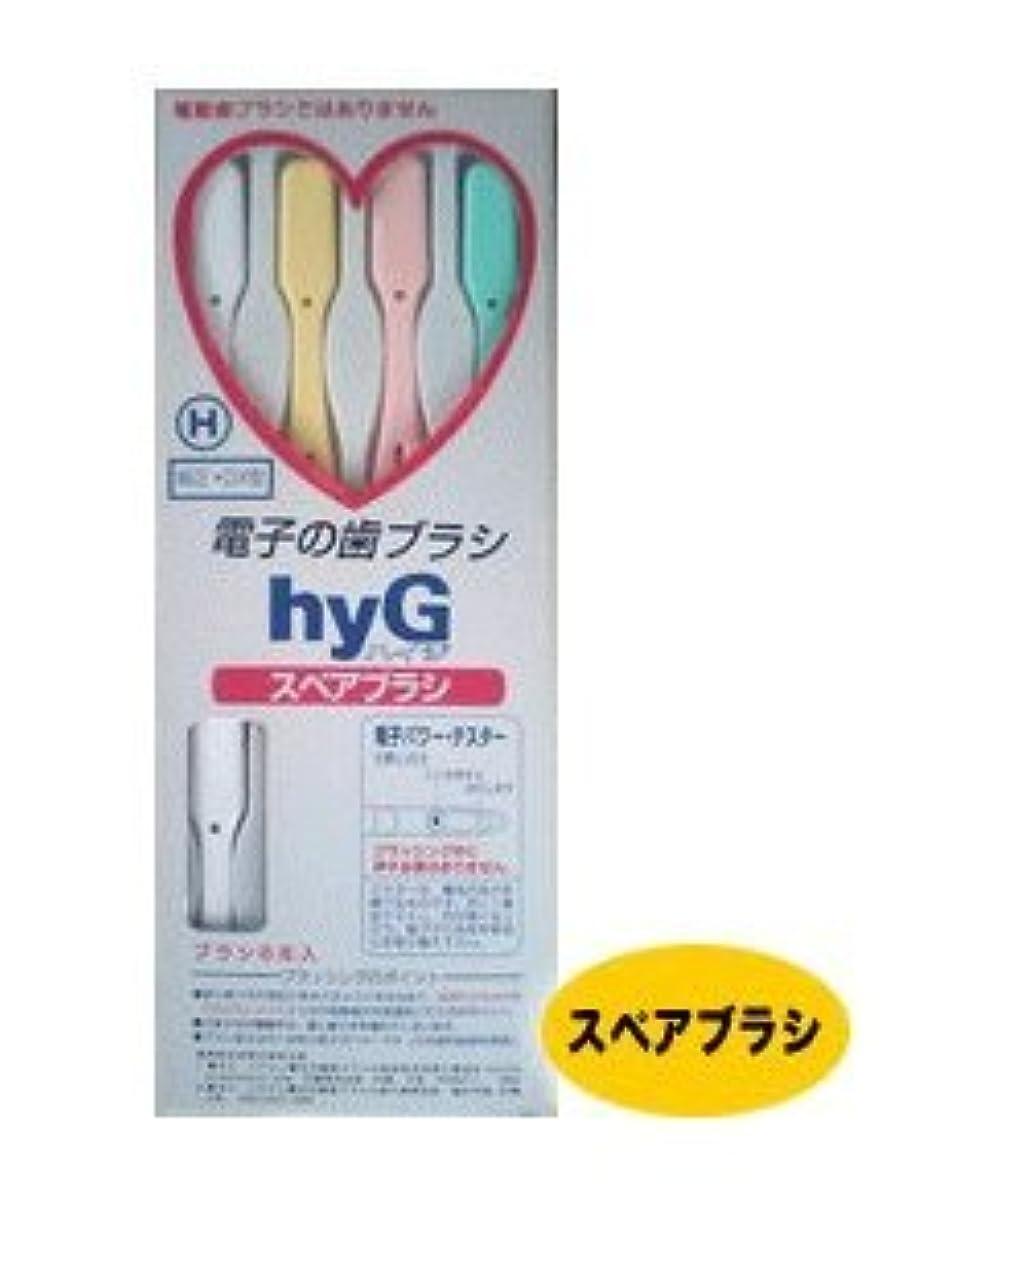 シャンパンサイクロプスうぬぼれた電子の歯ブラシ ハイジ(hyG) スペアブラシ H(ハード) 【純正?DX型】